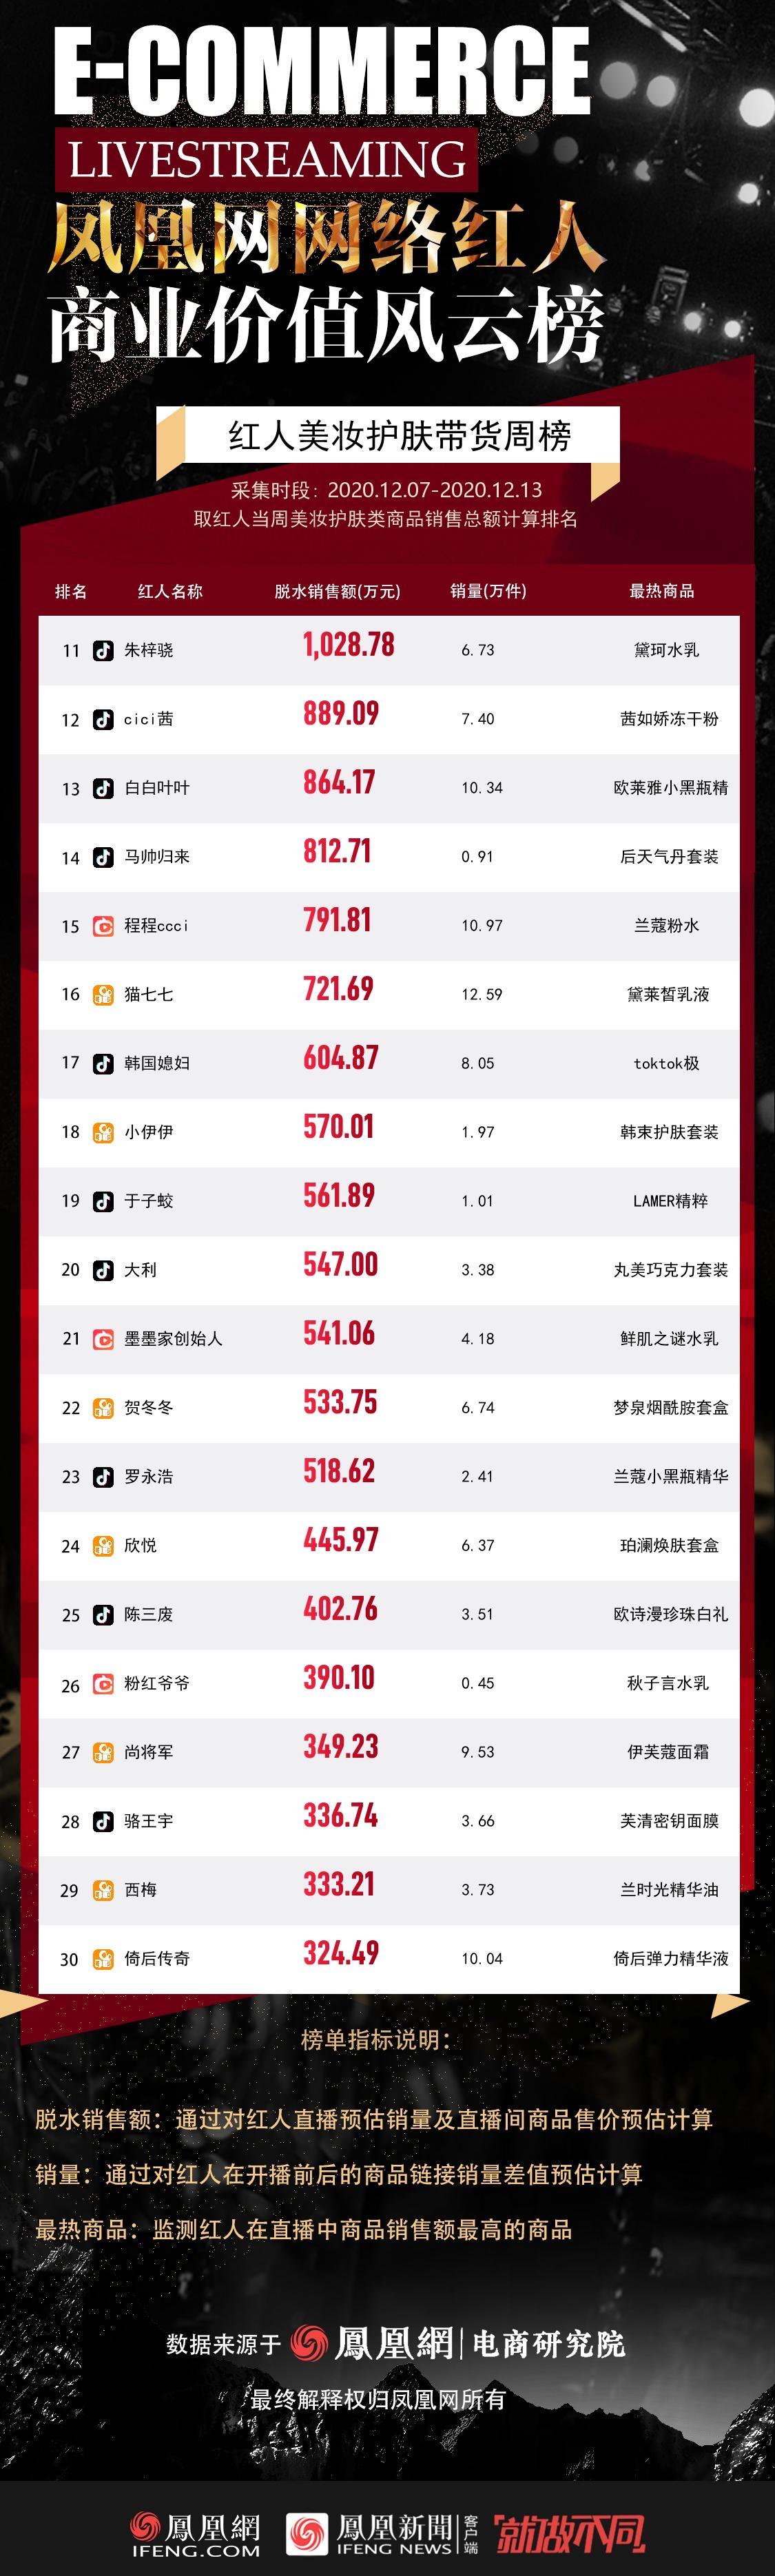 红人美妆护肤带货GMV排行榜TOP11-30